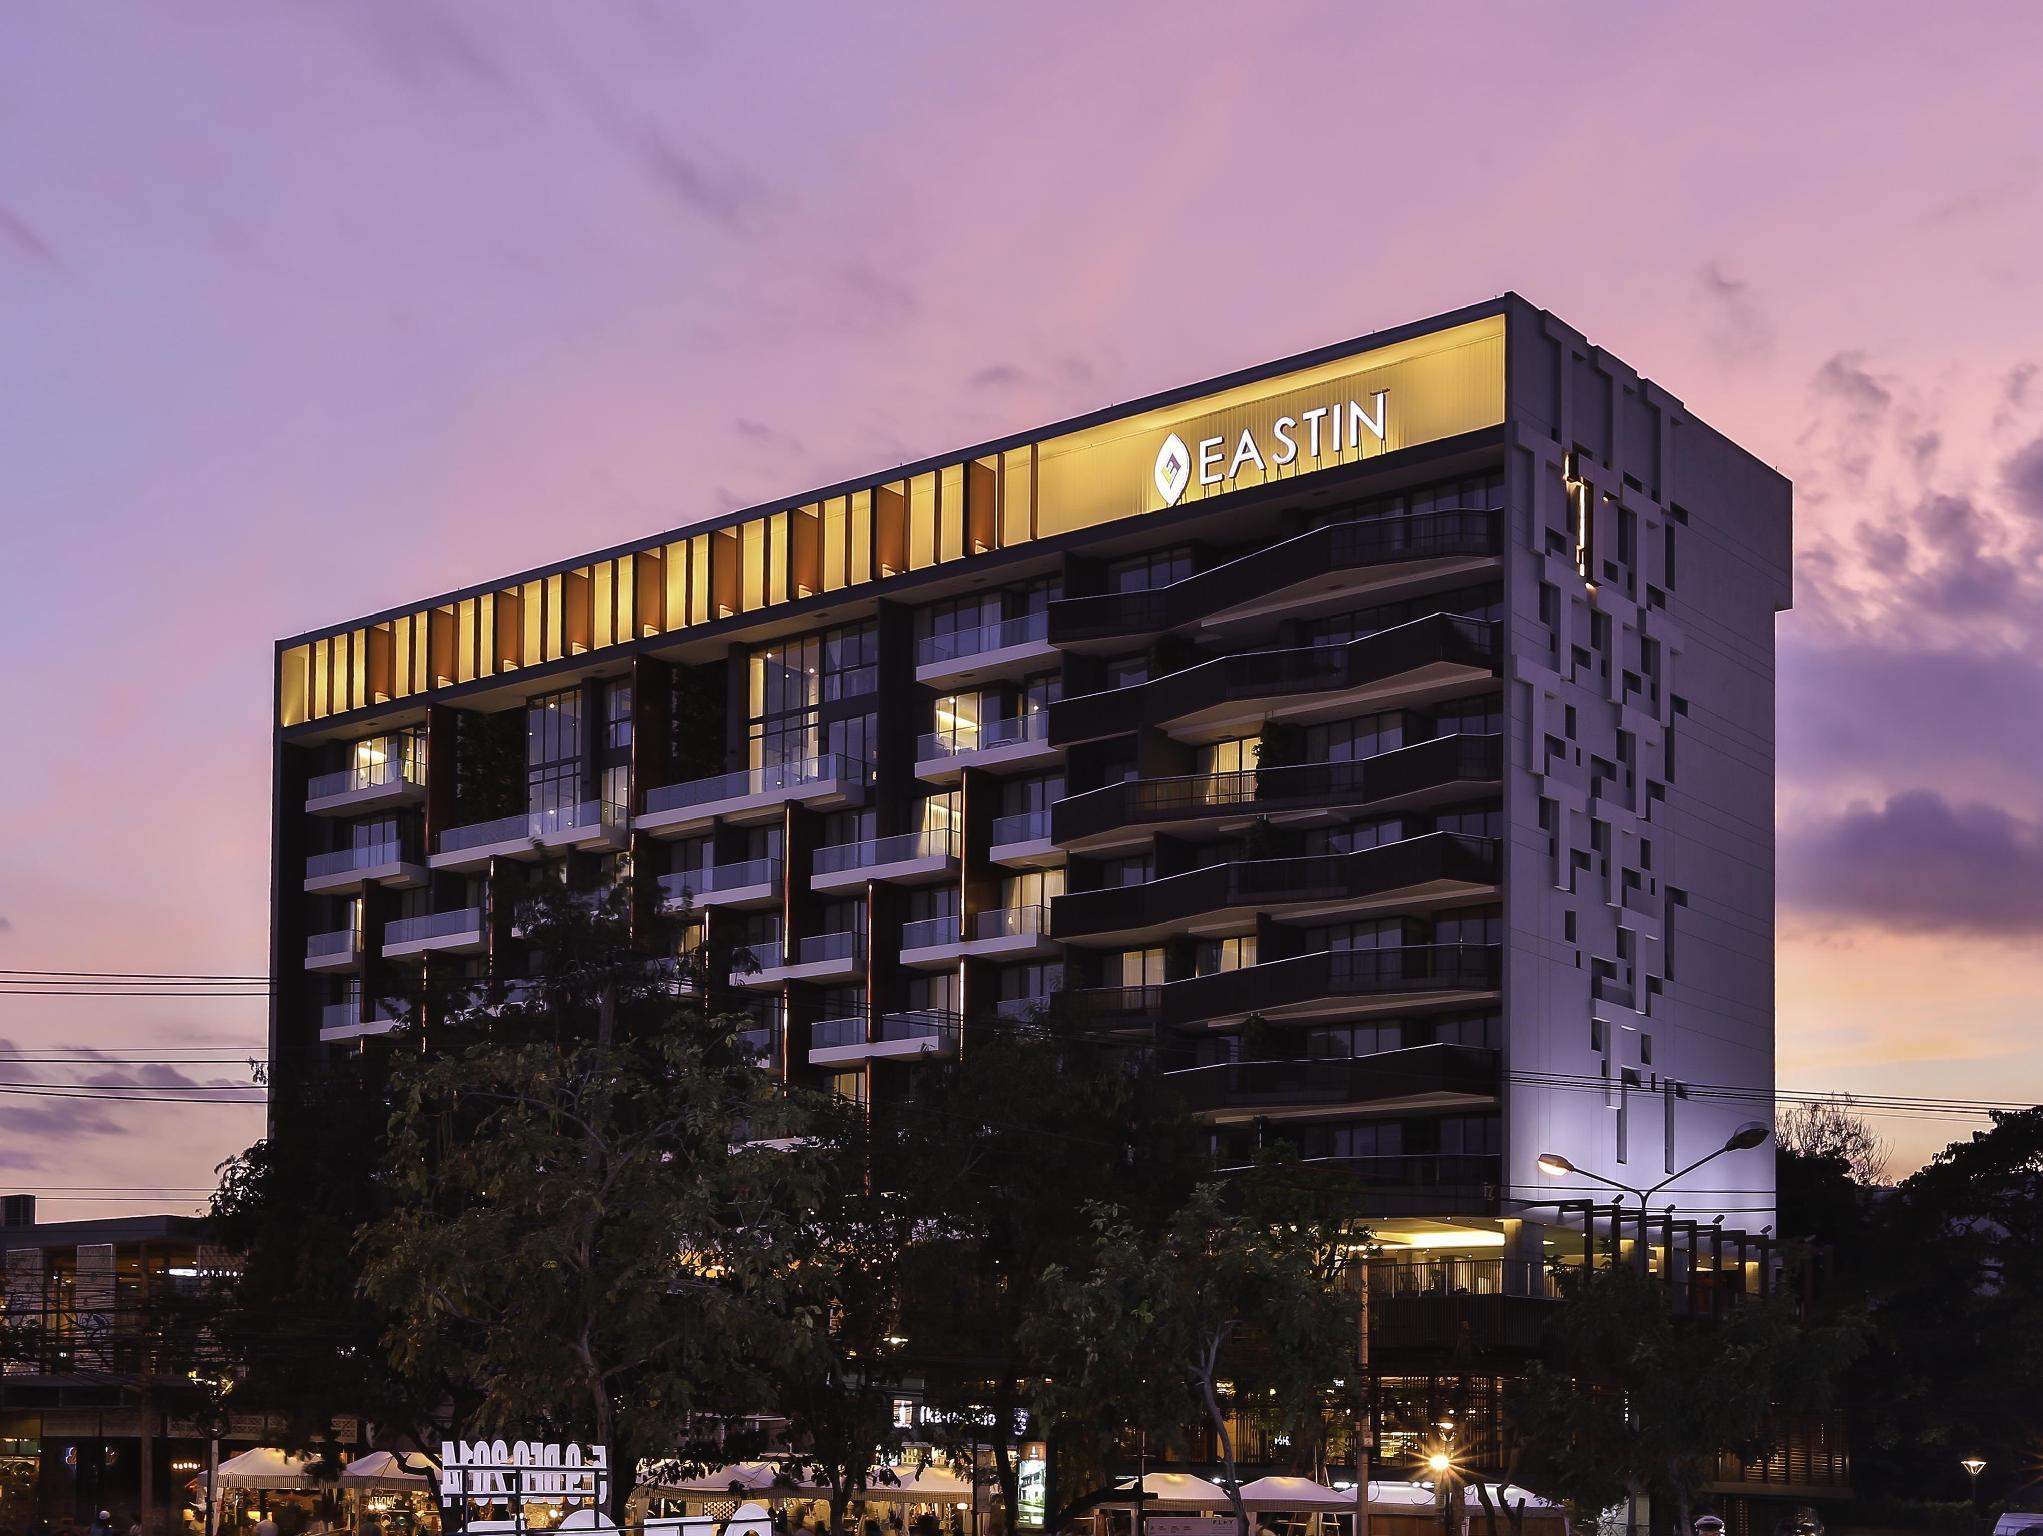 ค้นหา โรงแรมอีสติน ตัน เชียงใหม่ - เชียงใหม่ รีวิว Pantip